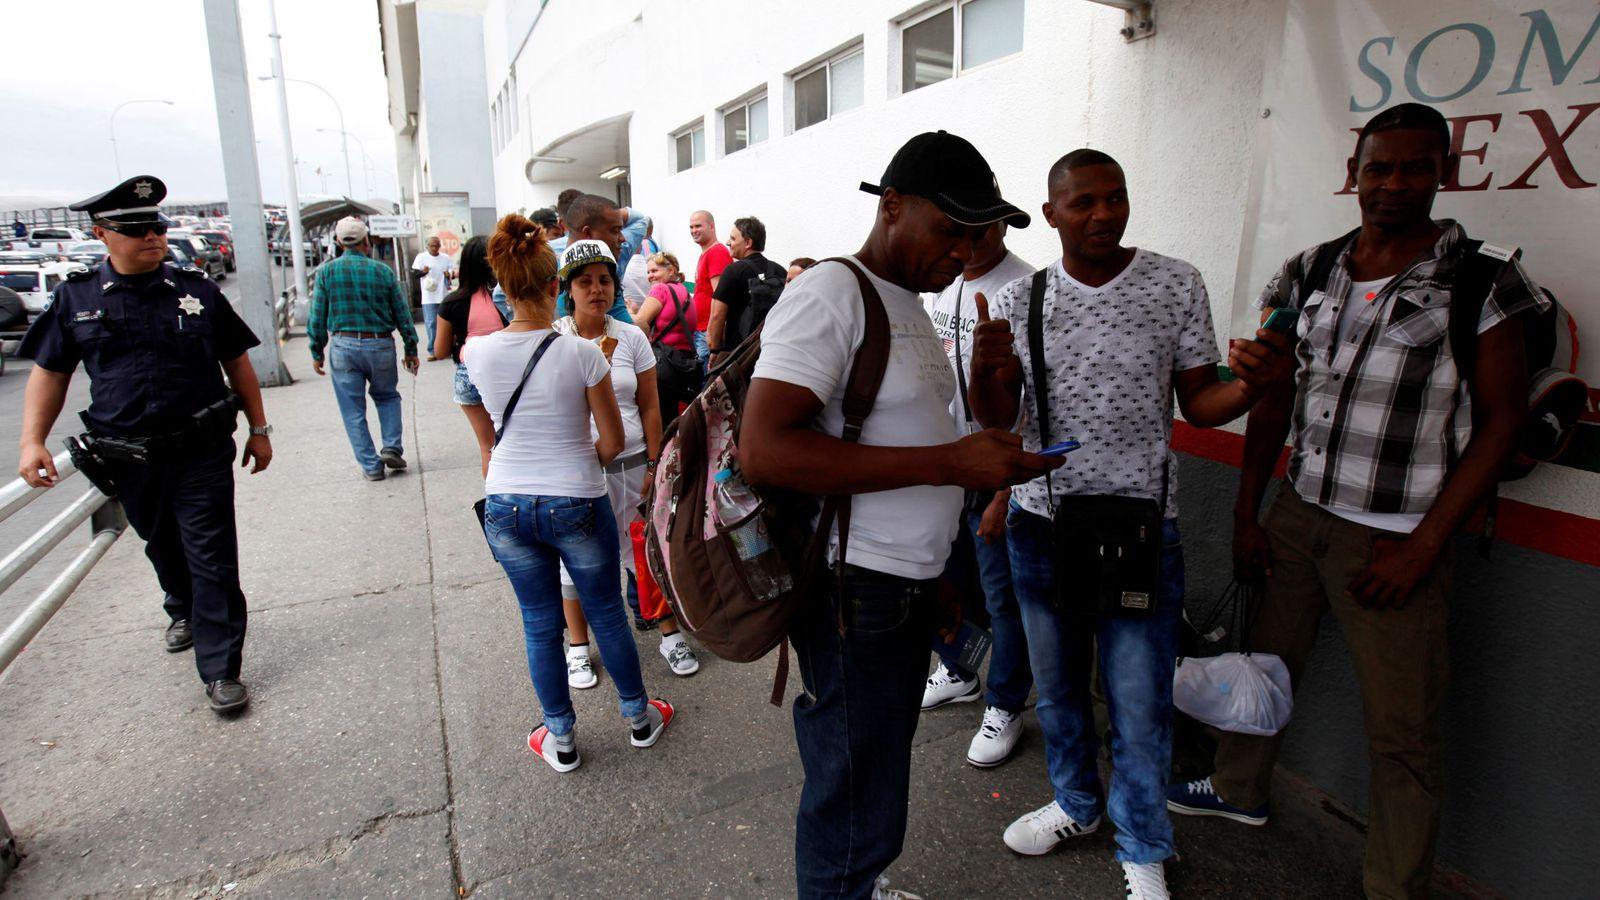 Foto: Inmigrantes cubanos se disponen a cruzar la frontera de EEUU en Ciudad Juárez, México, tras volar desde Panamá, el 17 de mayo de 2016 (Reuters)